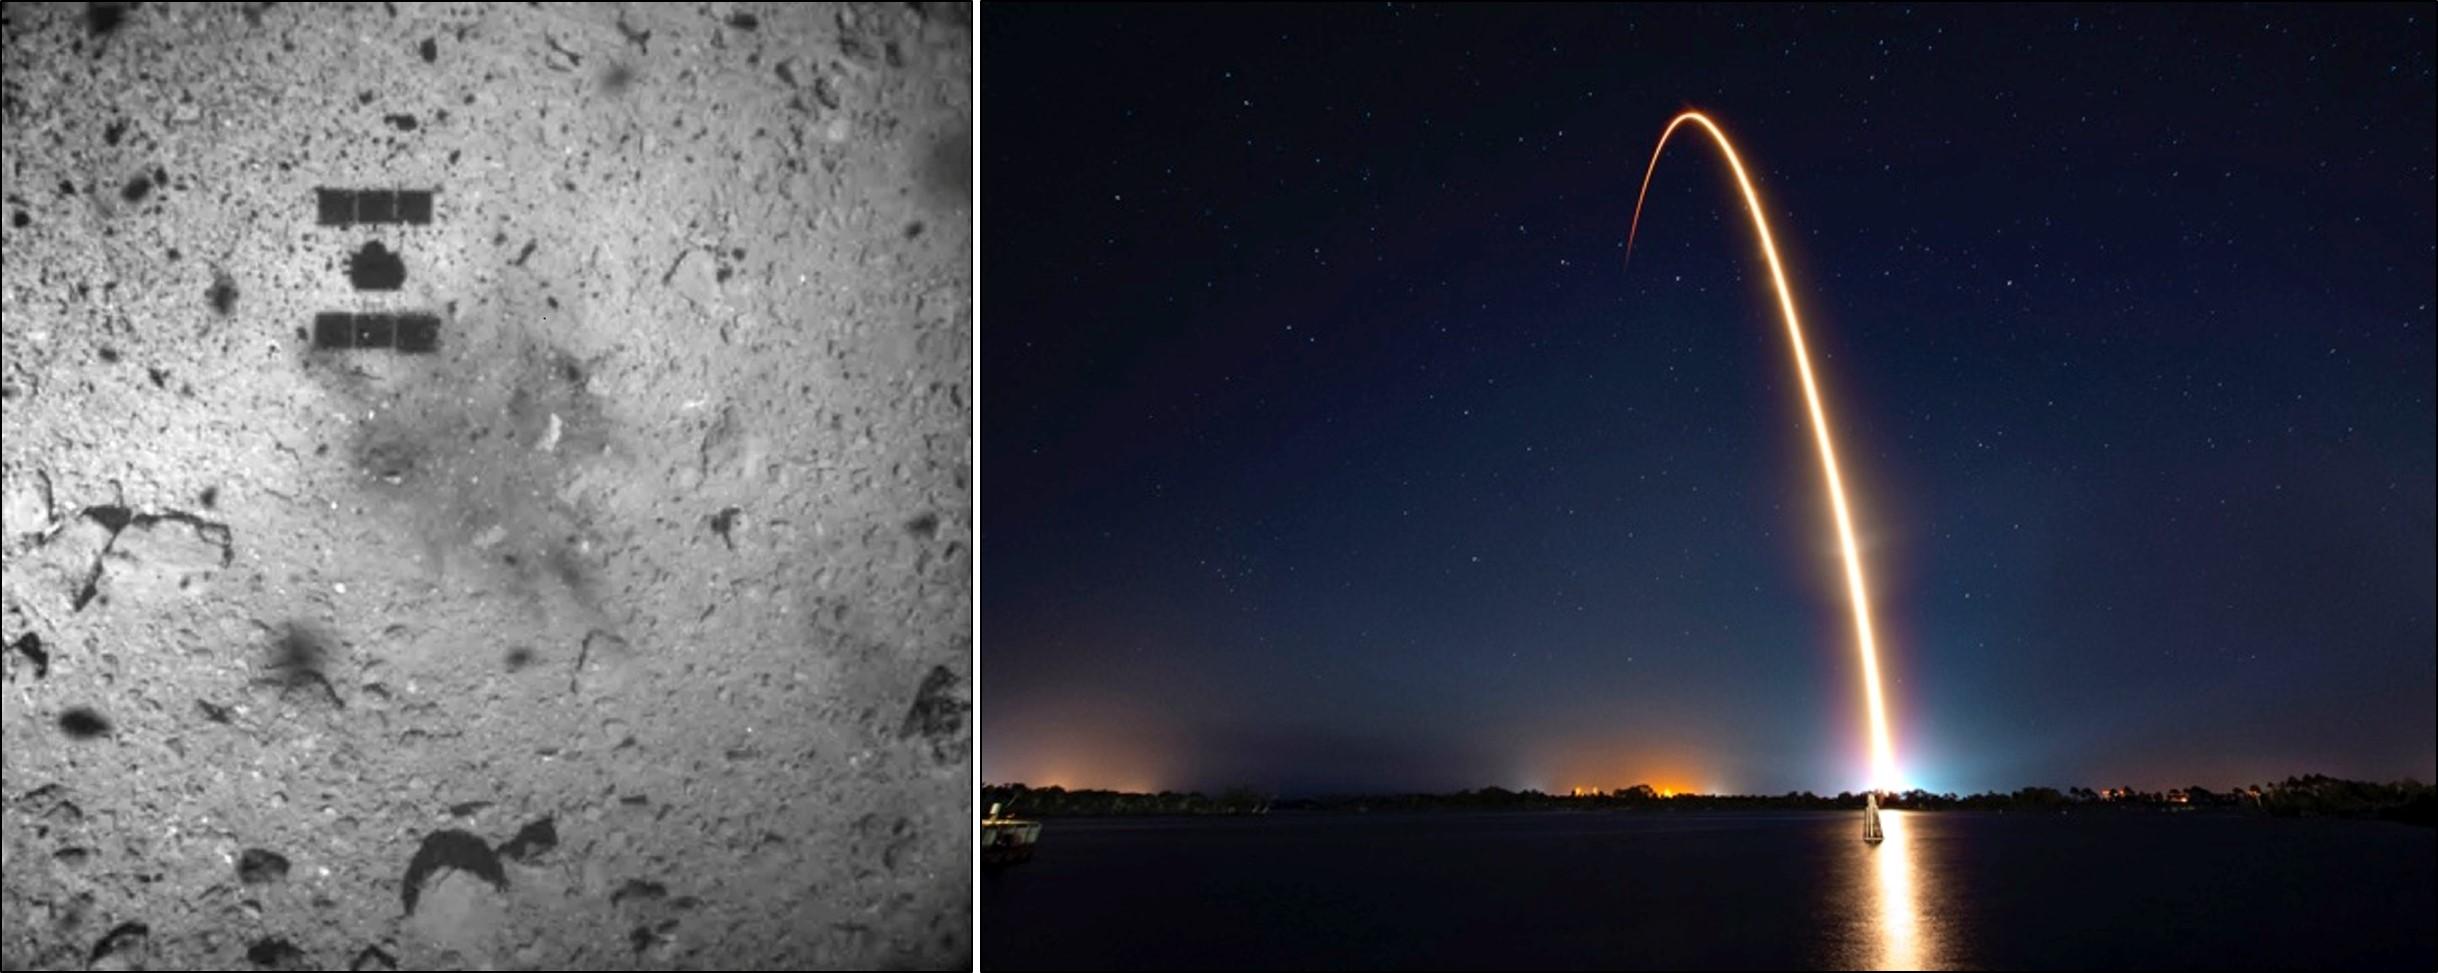 Hayabusa 2 on Ryugu; Beresheet heads for the Moon